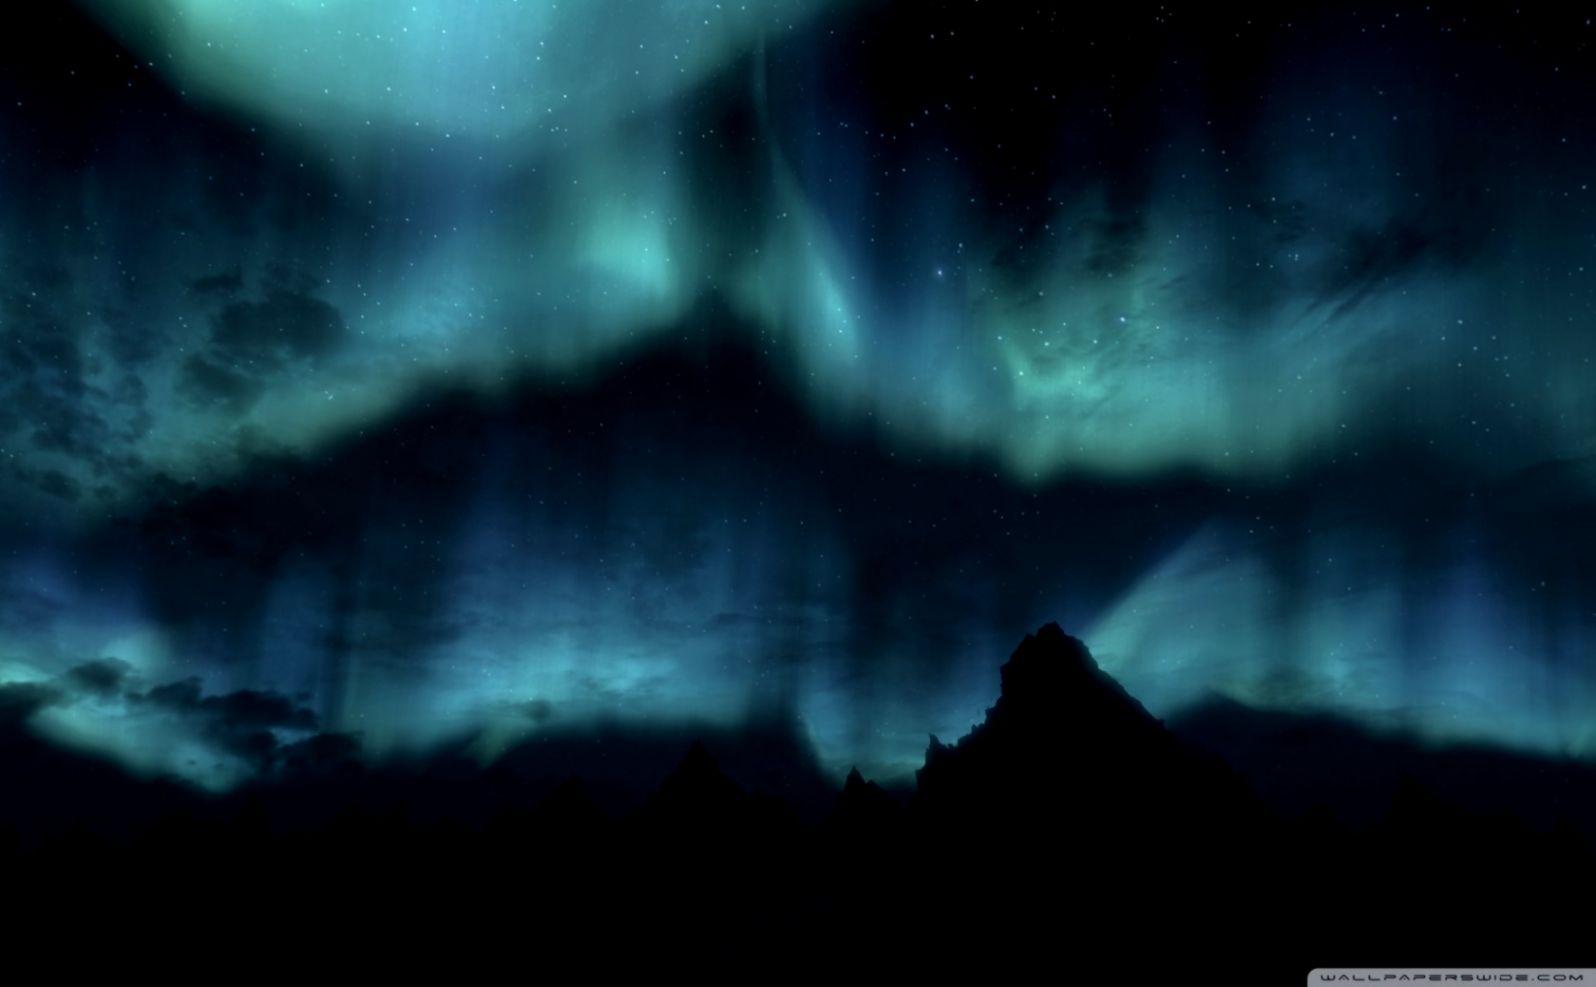 Skyrim Wallpaper Night Hd Wallpapers Arena